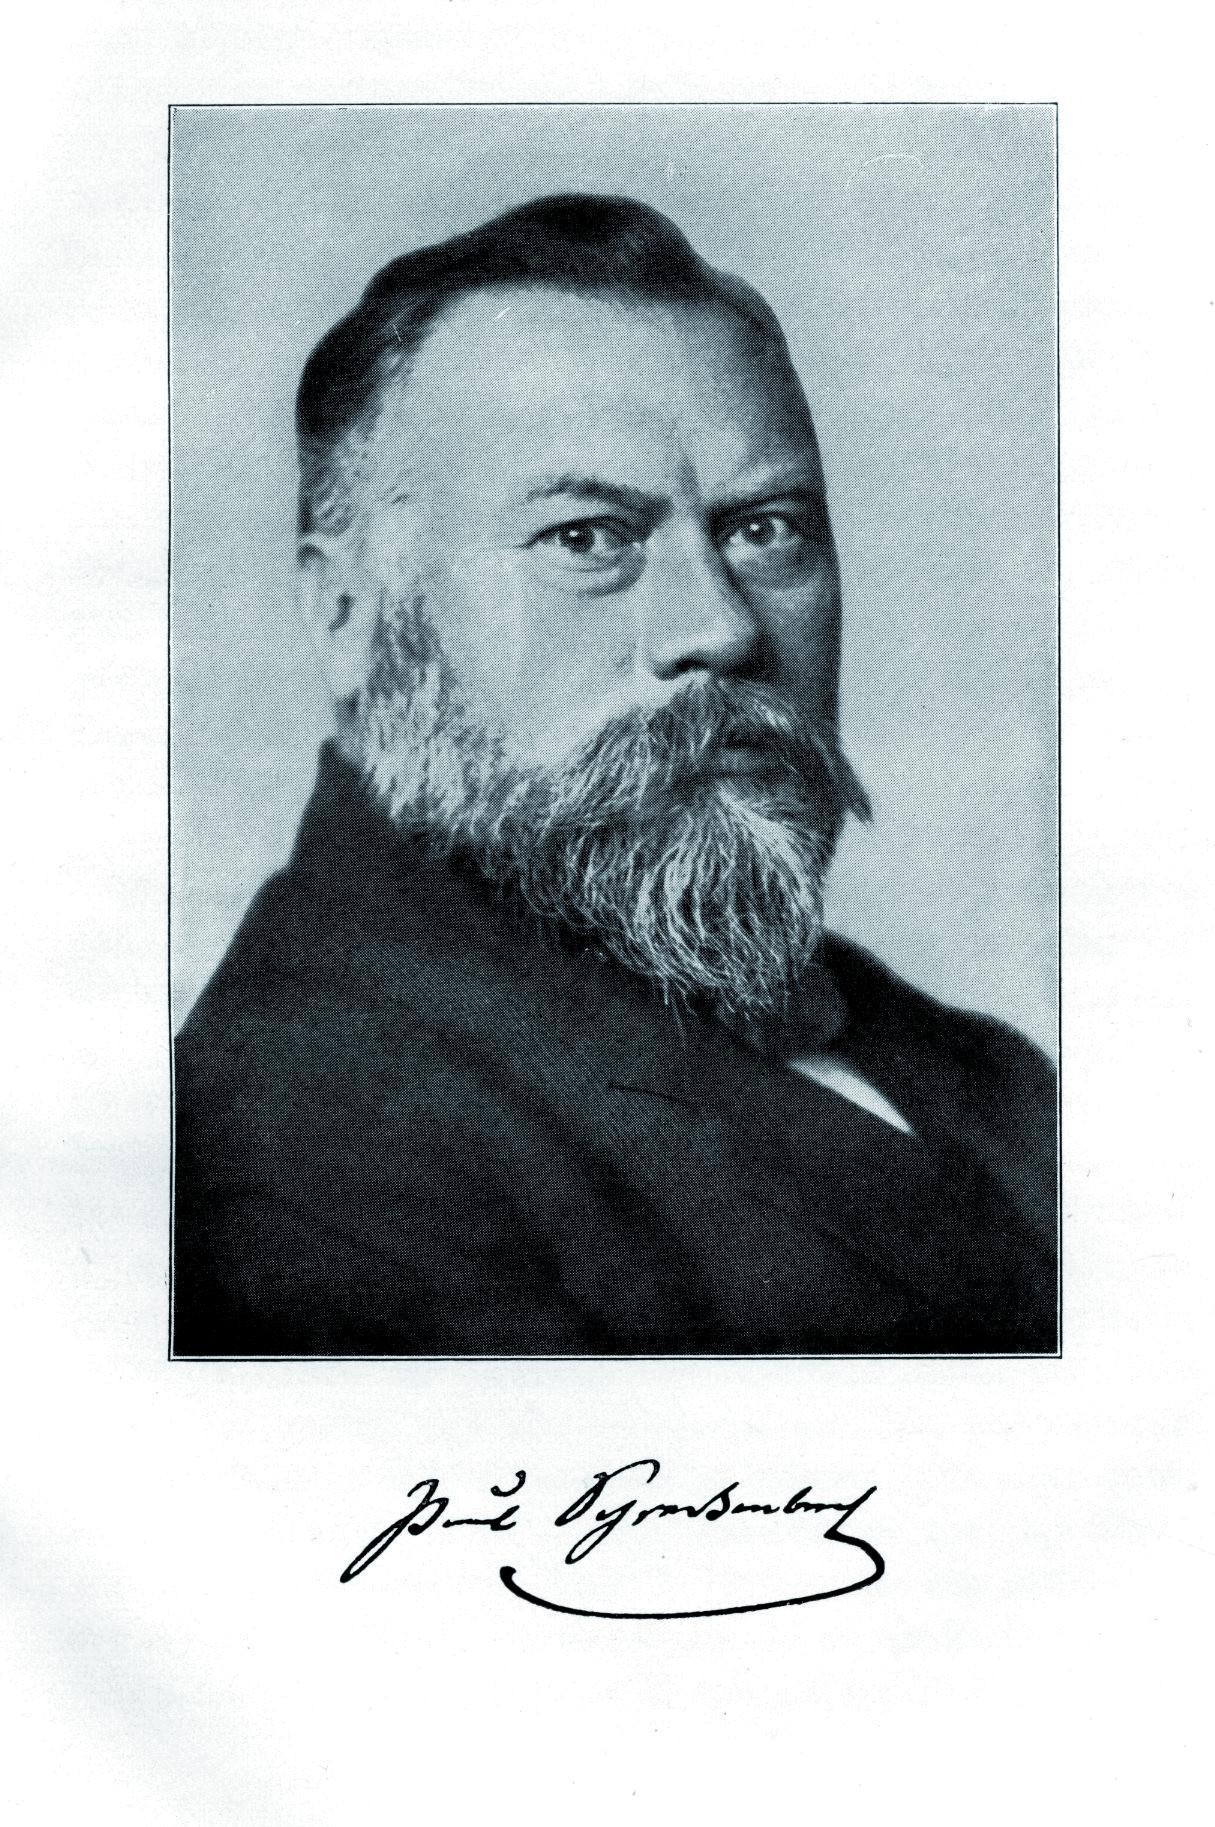 Paul Schreckenbach